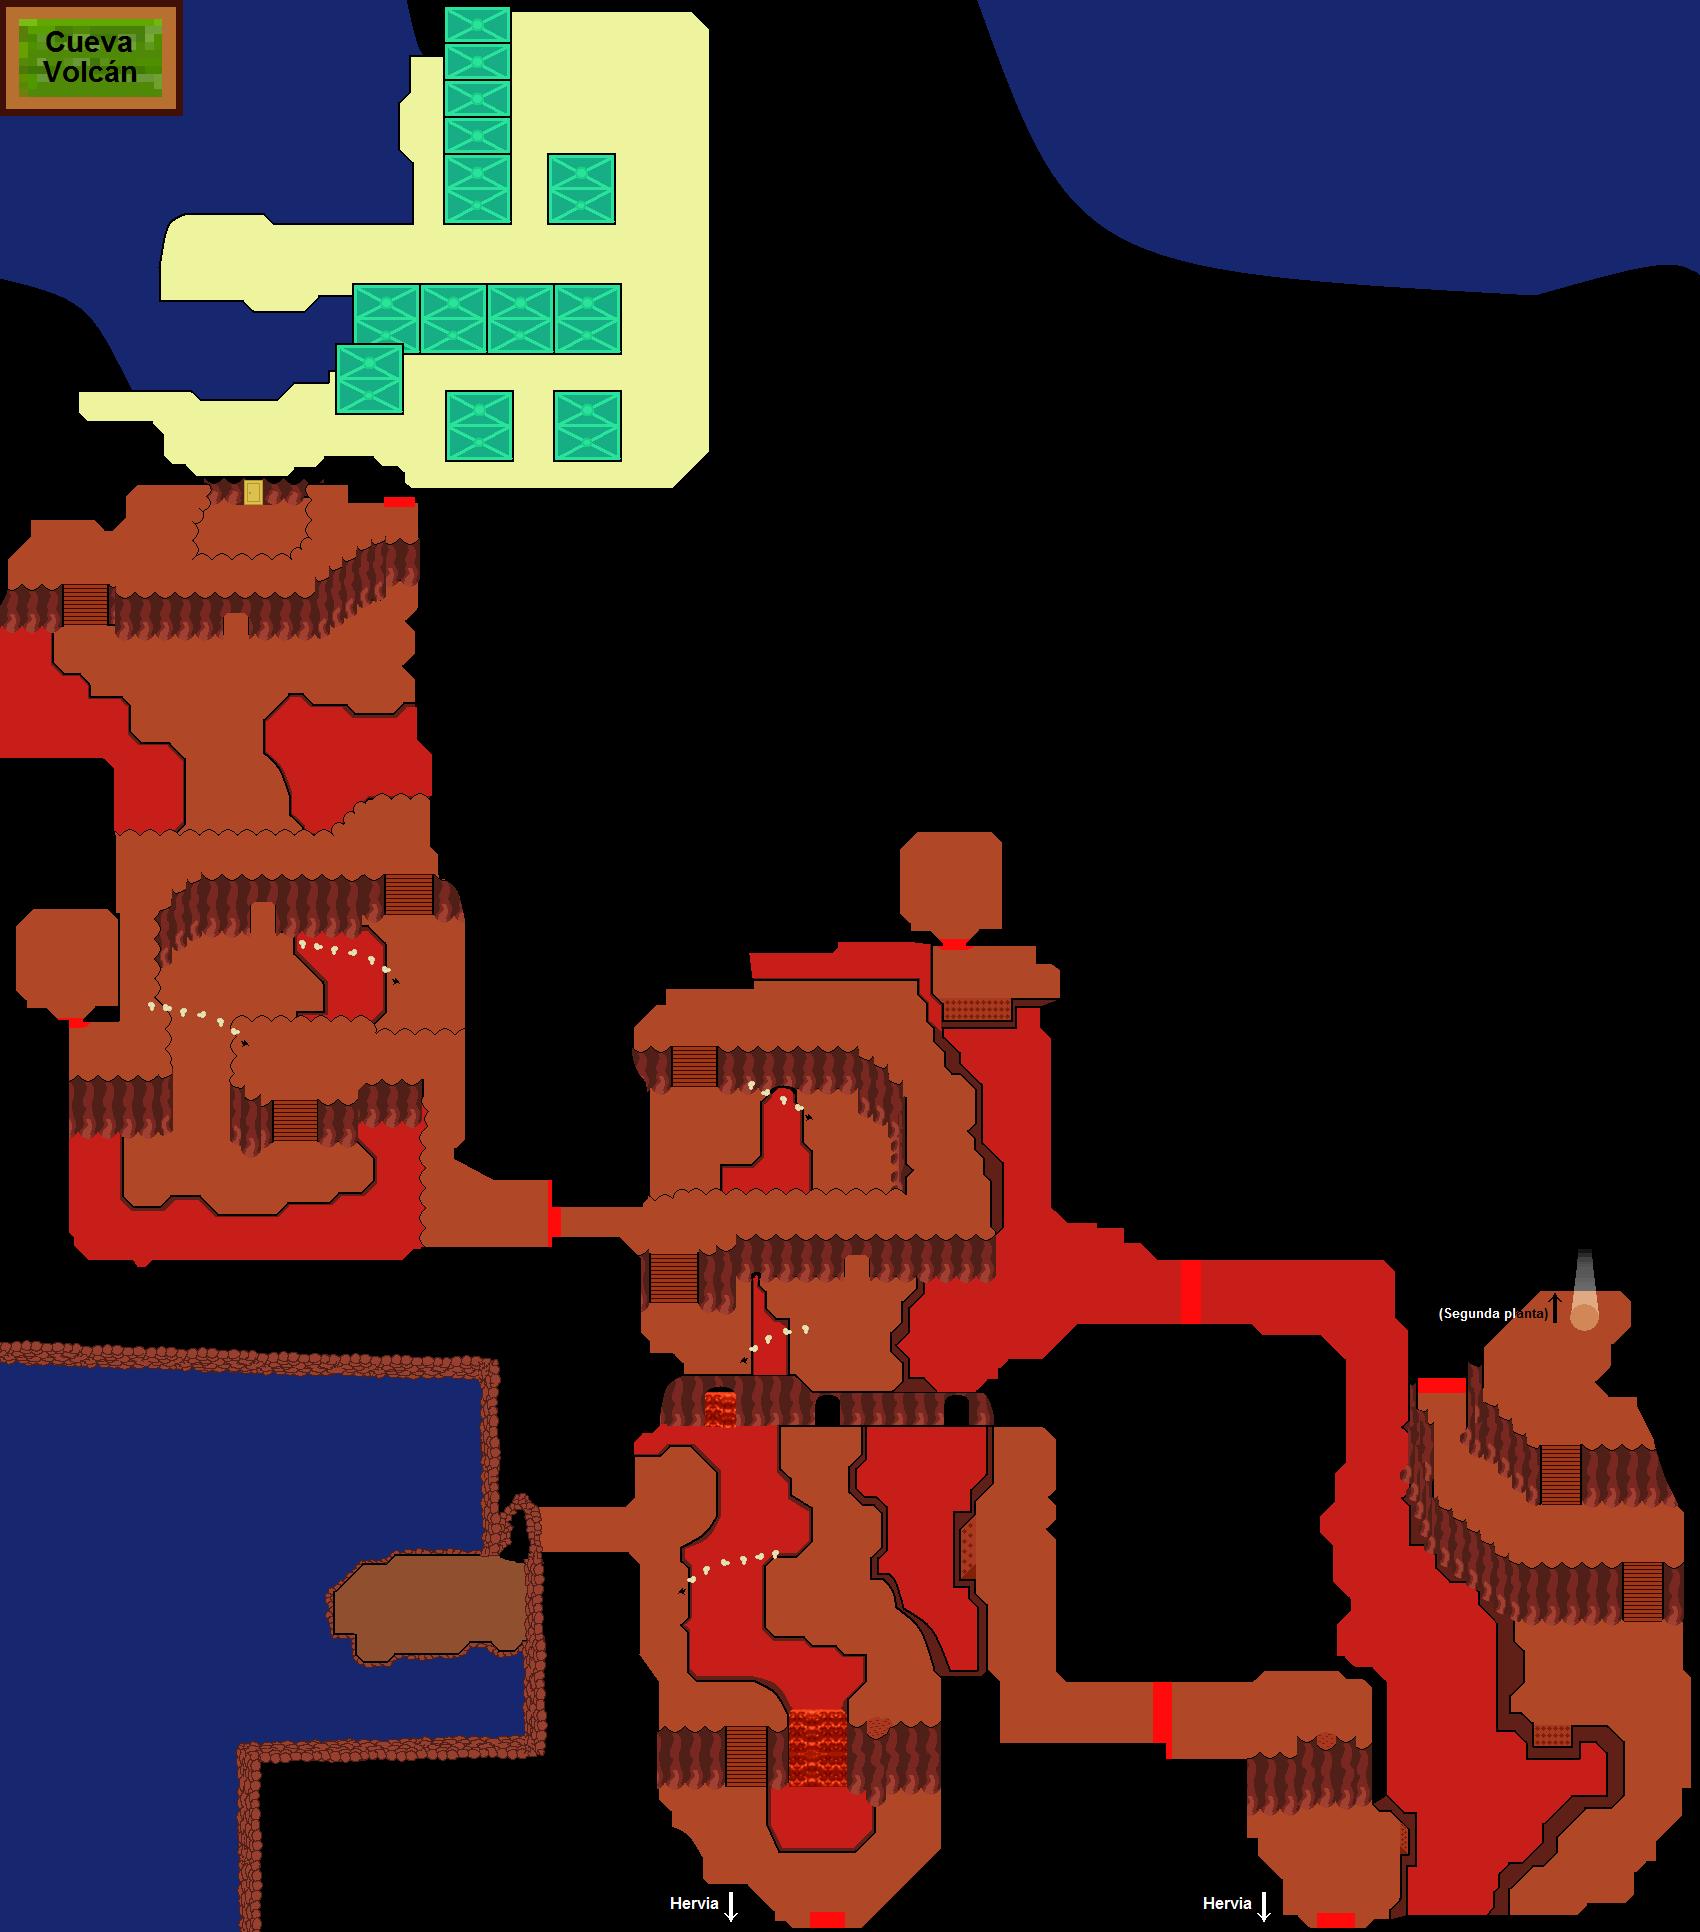 Plano de Cueva Volcán (primera planta)